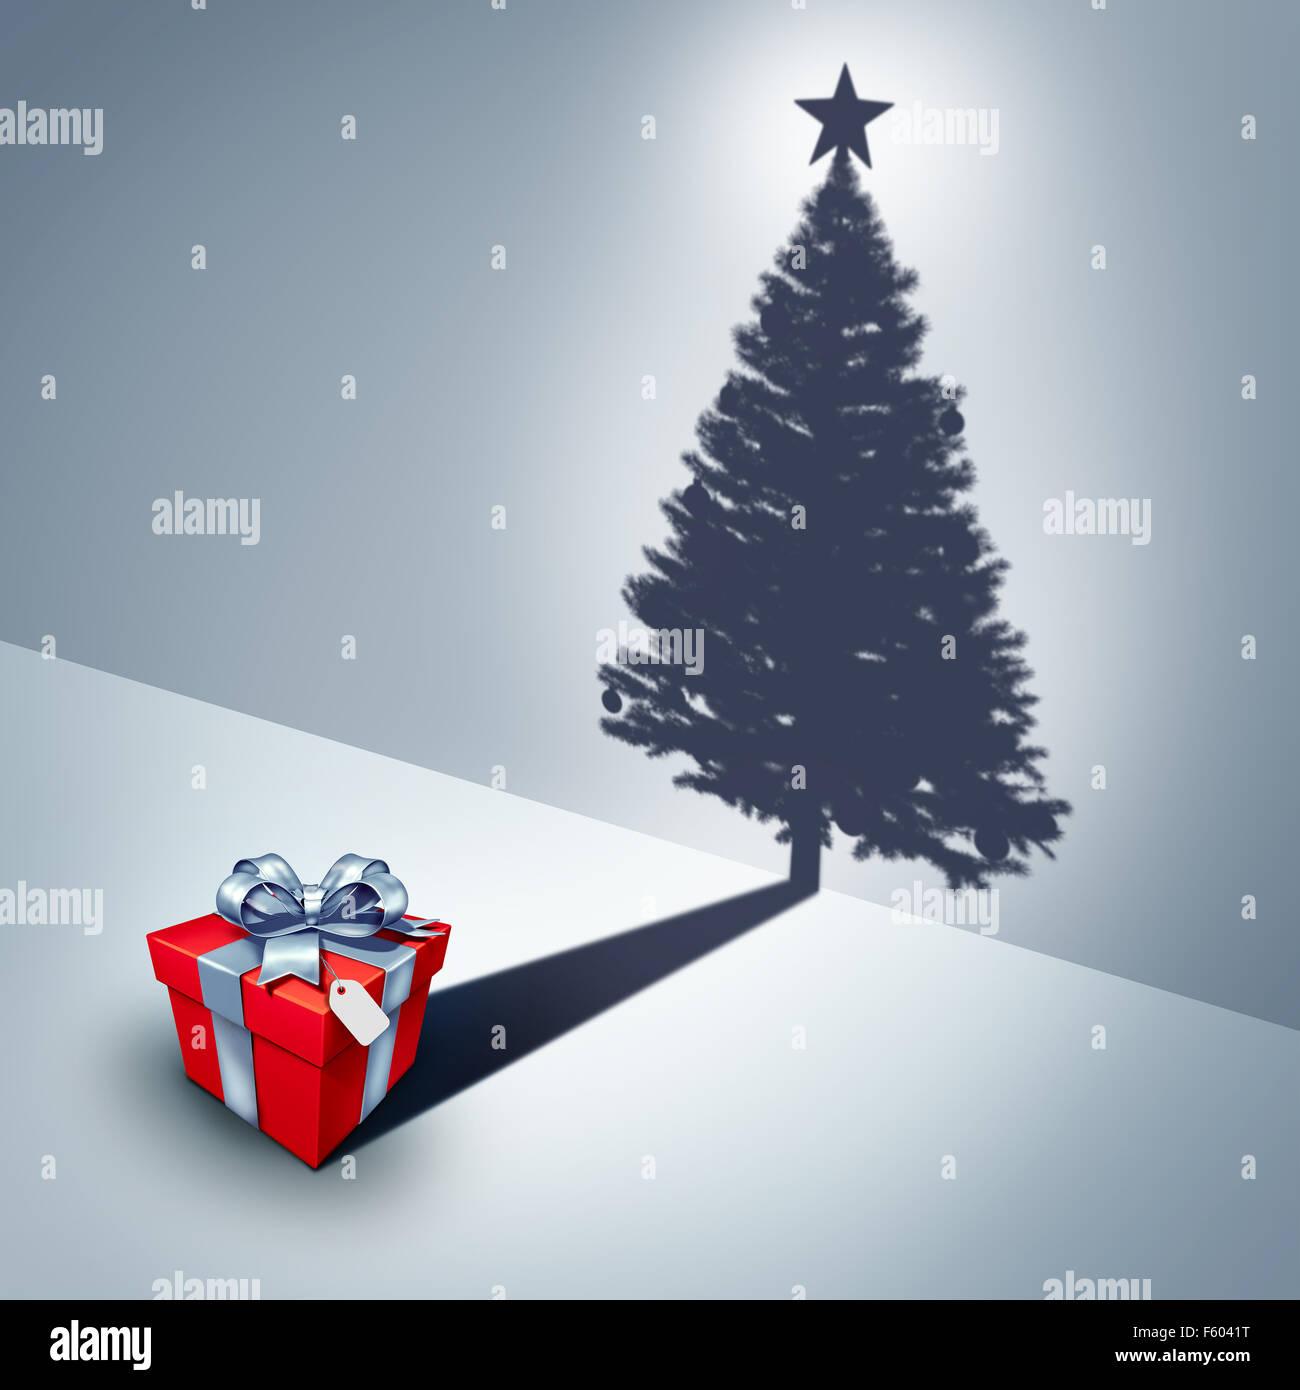 Maison de vacances dream concept présent comme un don jette une ombre en forme de l'arbre de Noël Photo Stock